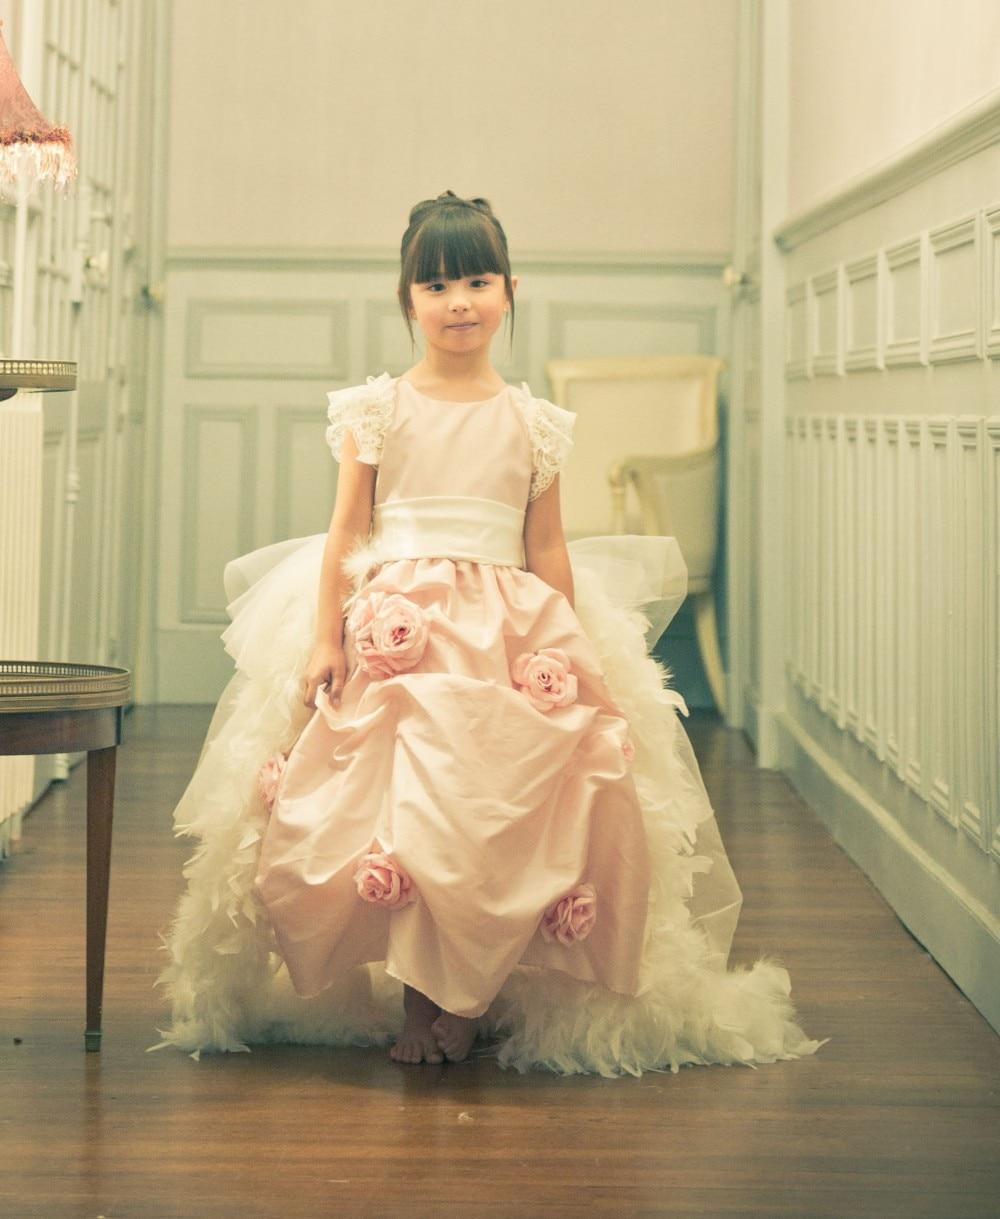 Une Touche De Roses Une Robe Magnifique Orné Avec Roses Amovible Train Plume Rose Robes de Reconstitution Historique de L'enfant